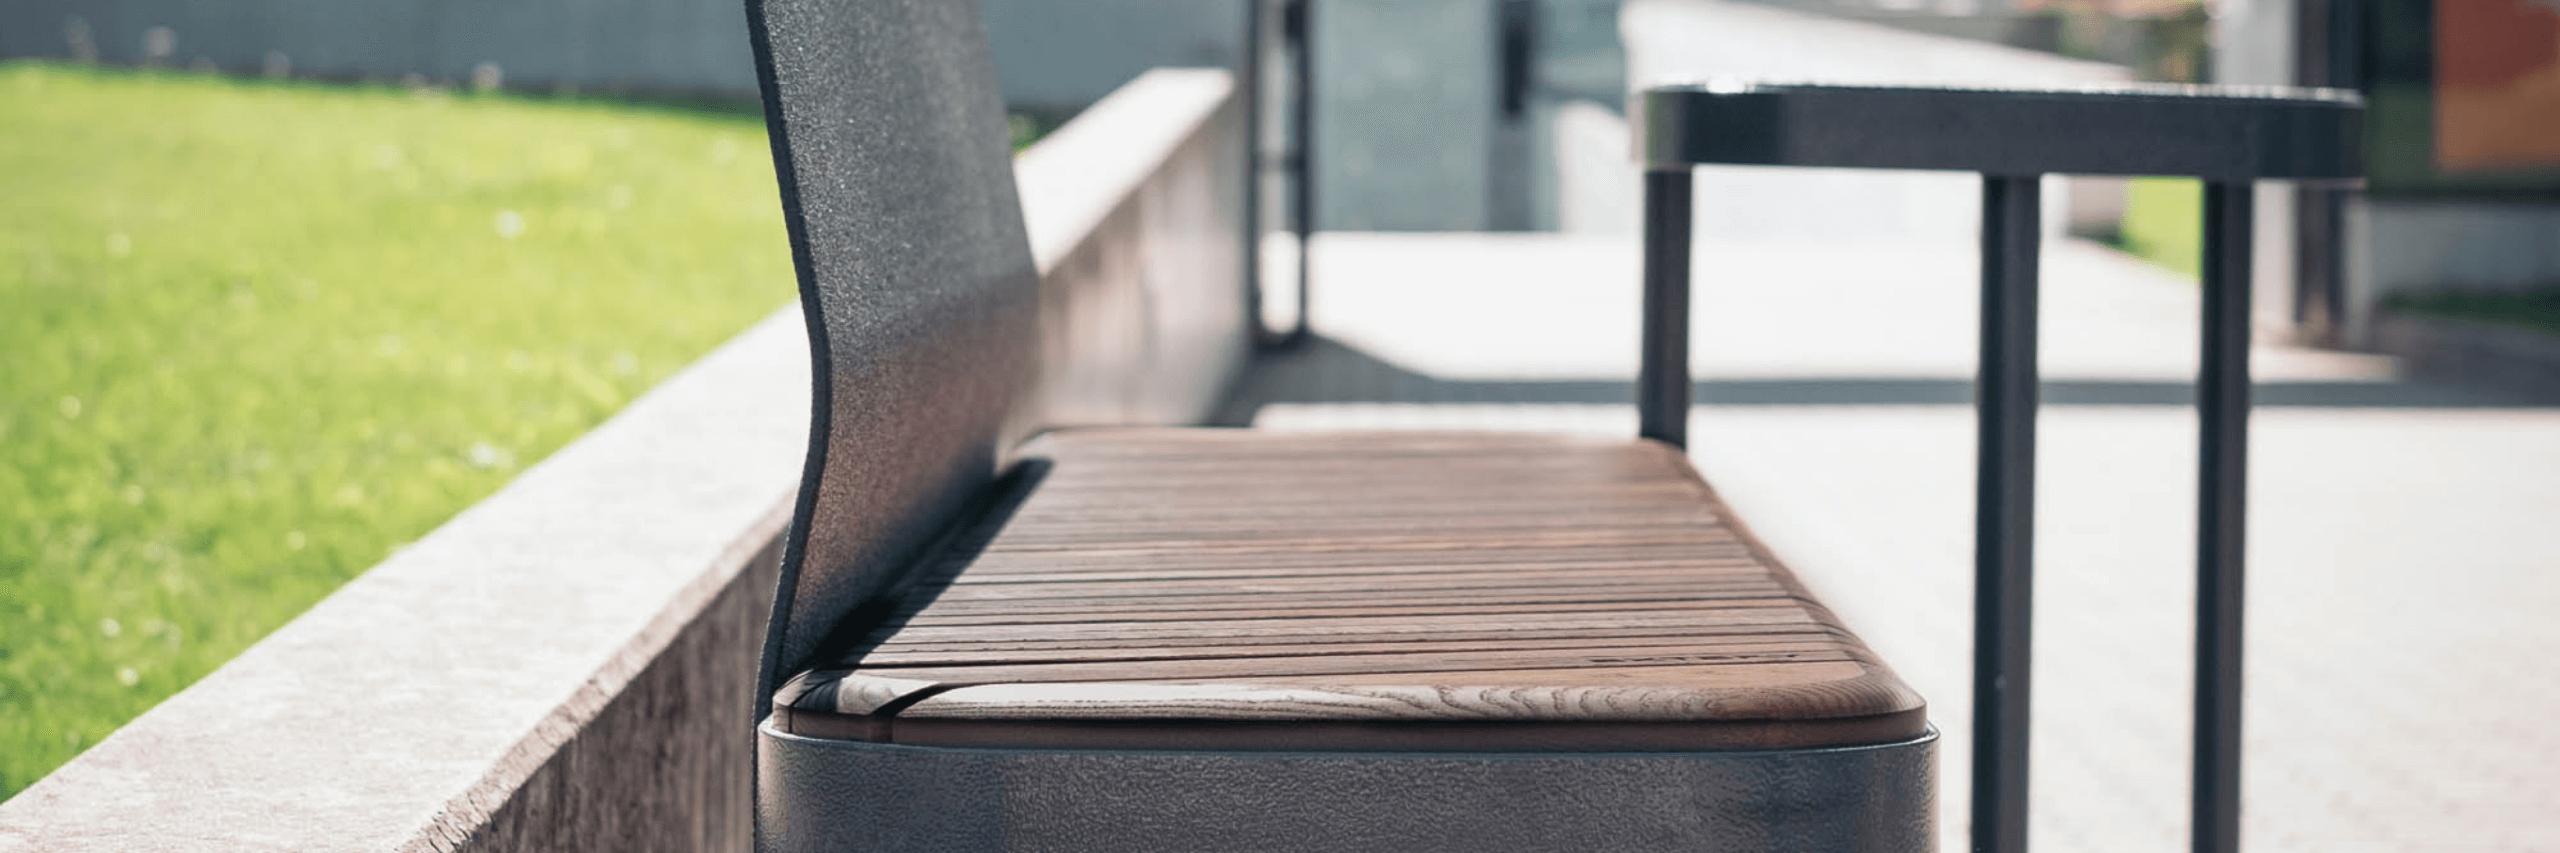 park bench Tiide